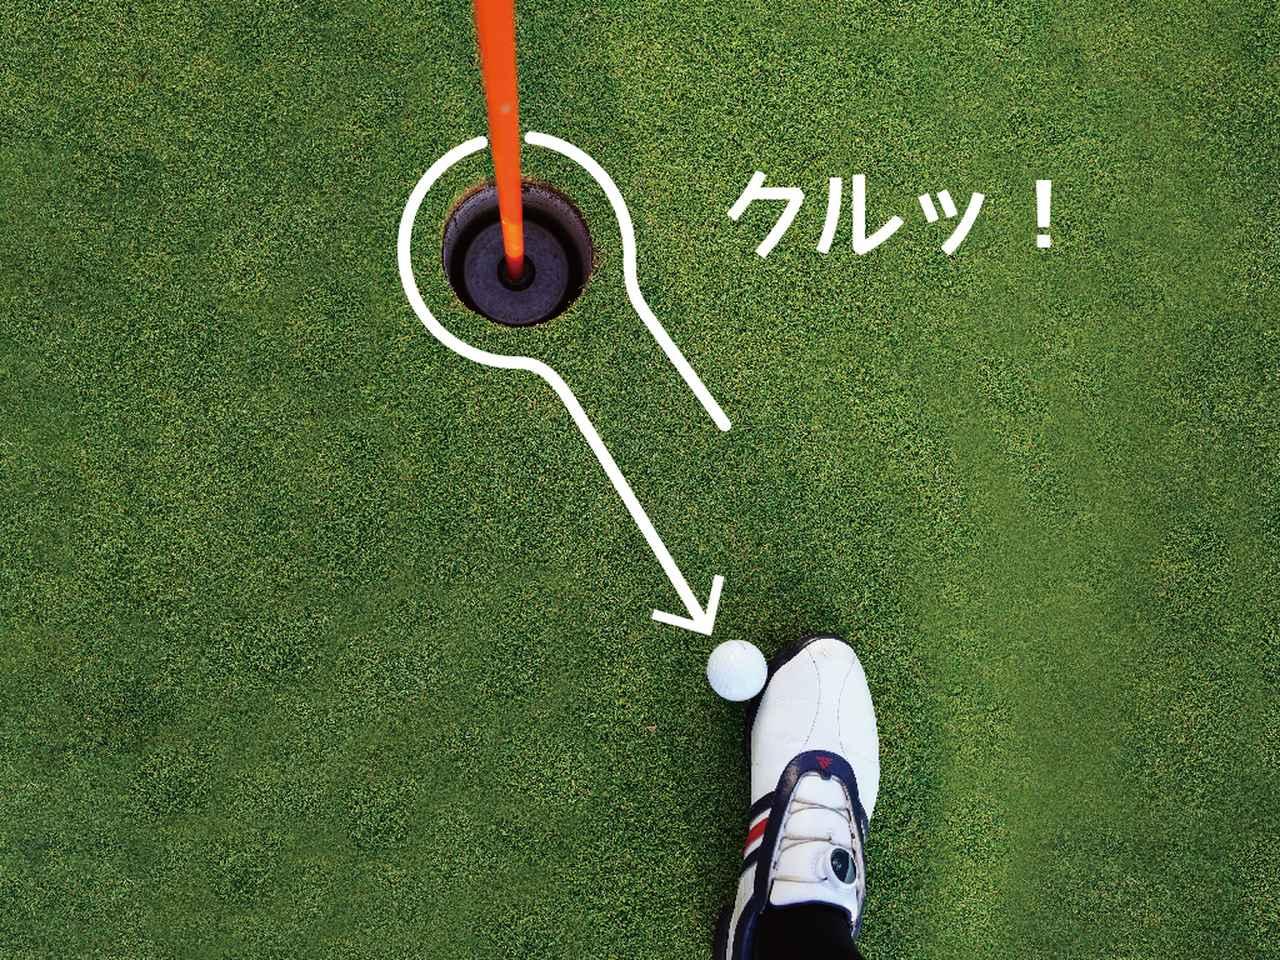 画像10: 【ゴルフルール理解度クイズ】〇か✖か何問正解できる? 新ルールになってはや1年、80点以上で合格